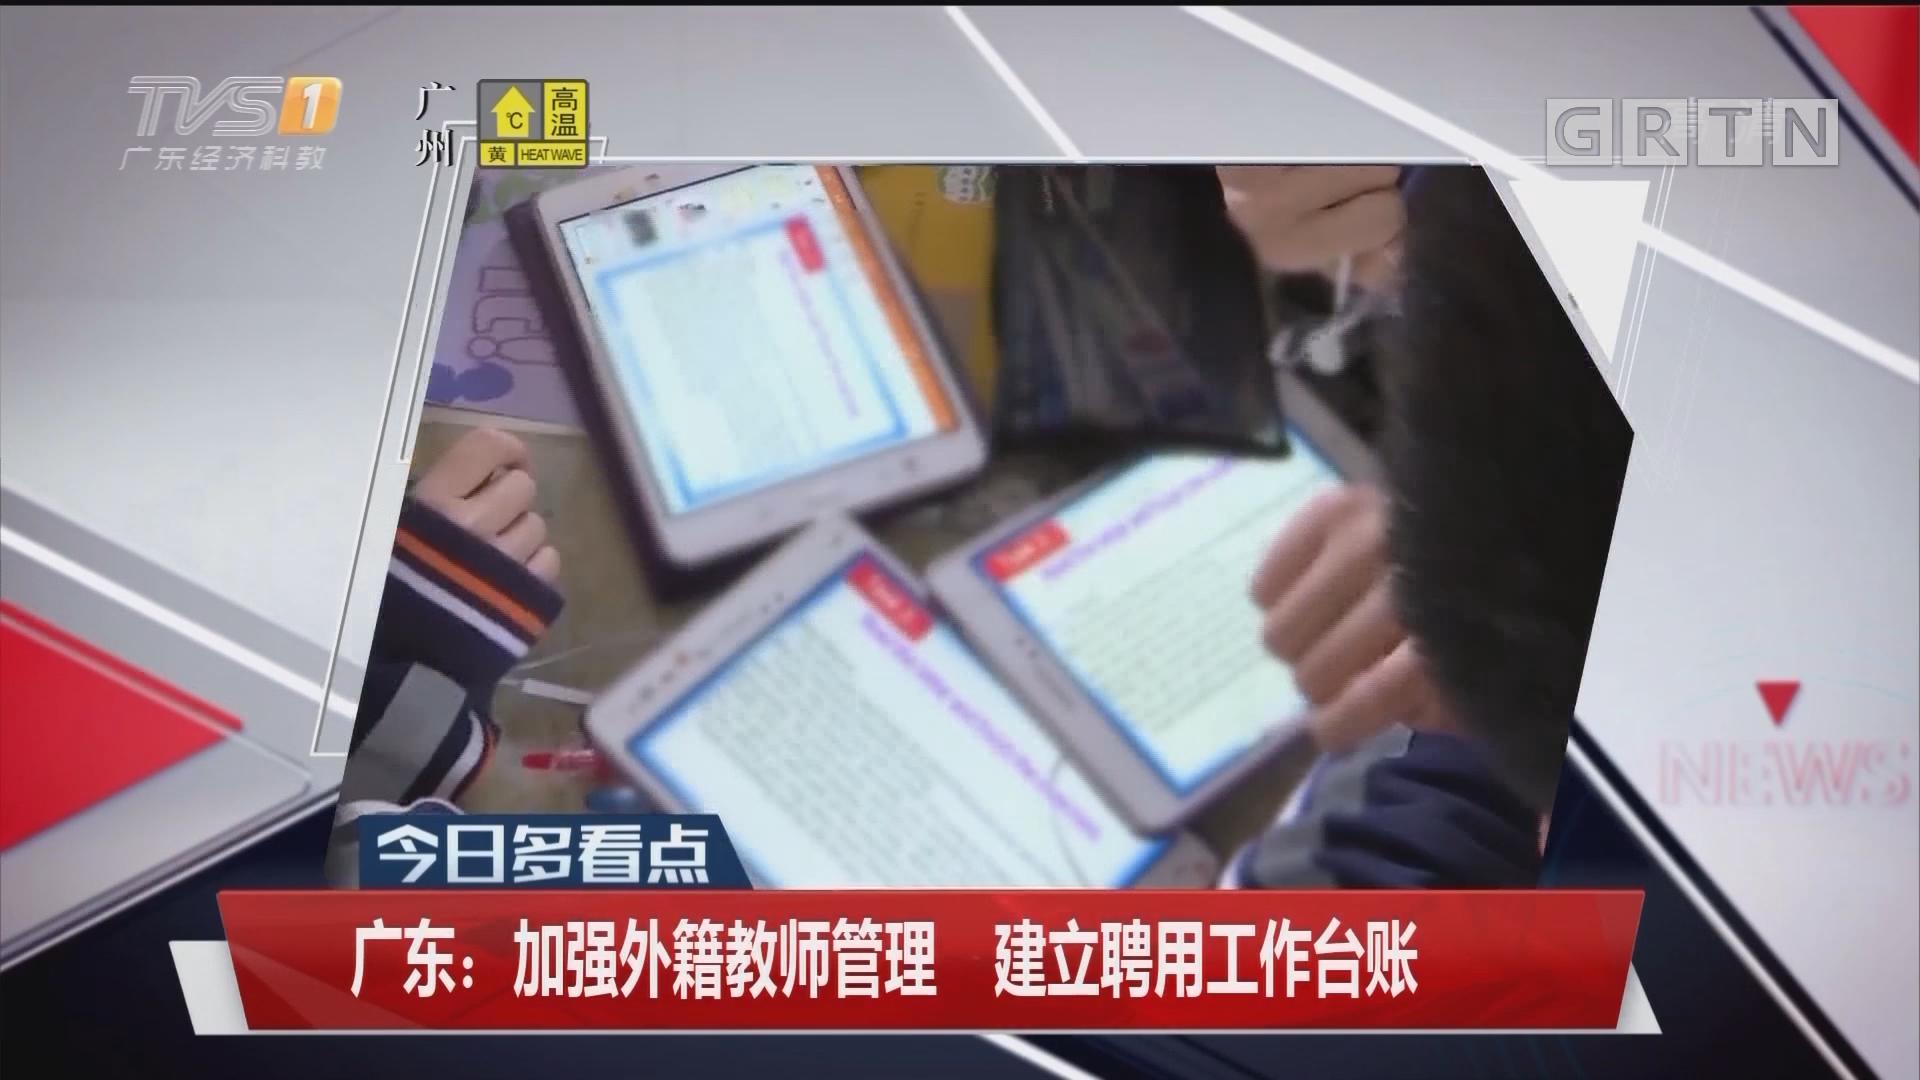 广东:加强外籍教师管理 建立聘用工作台账